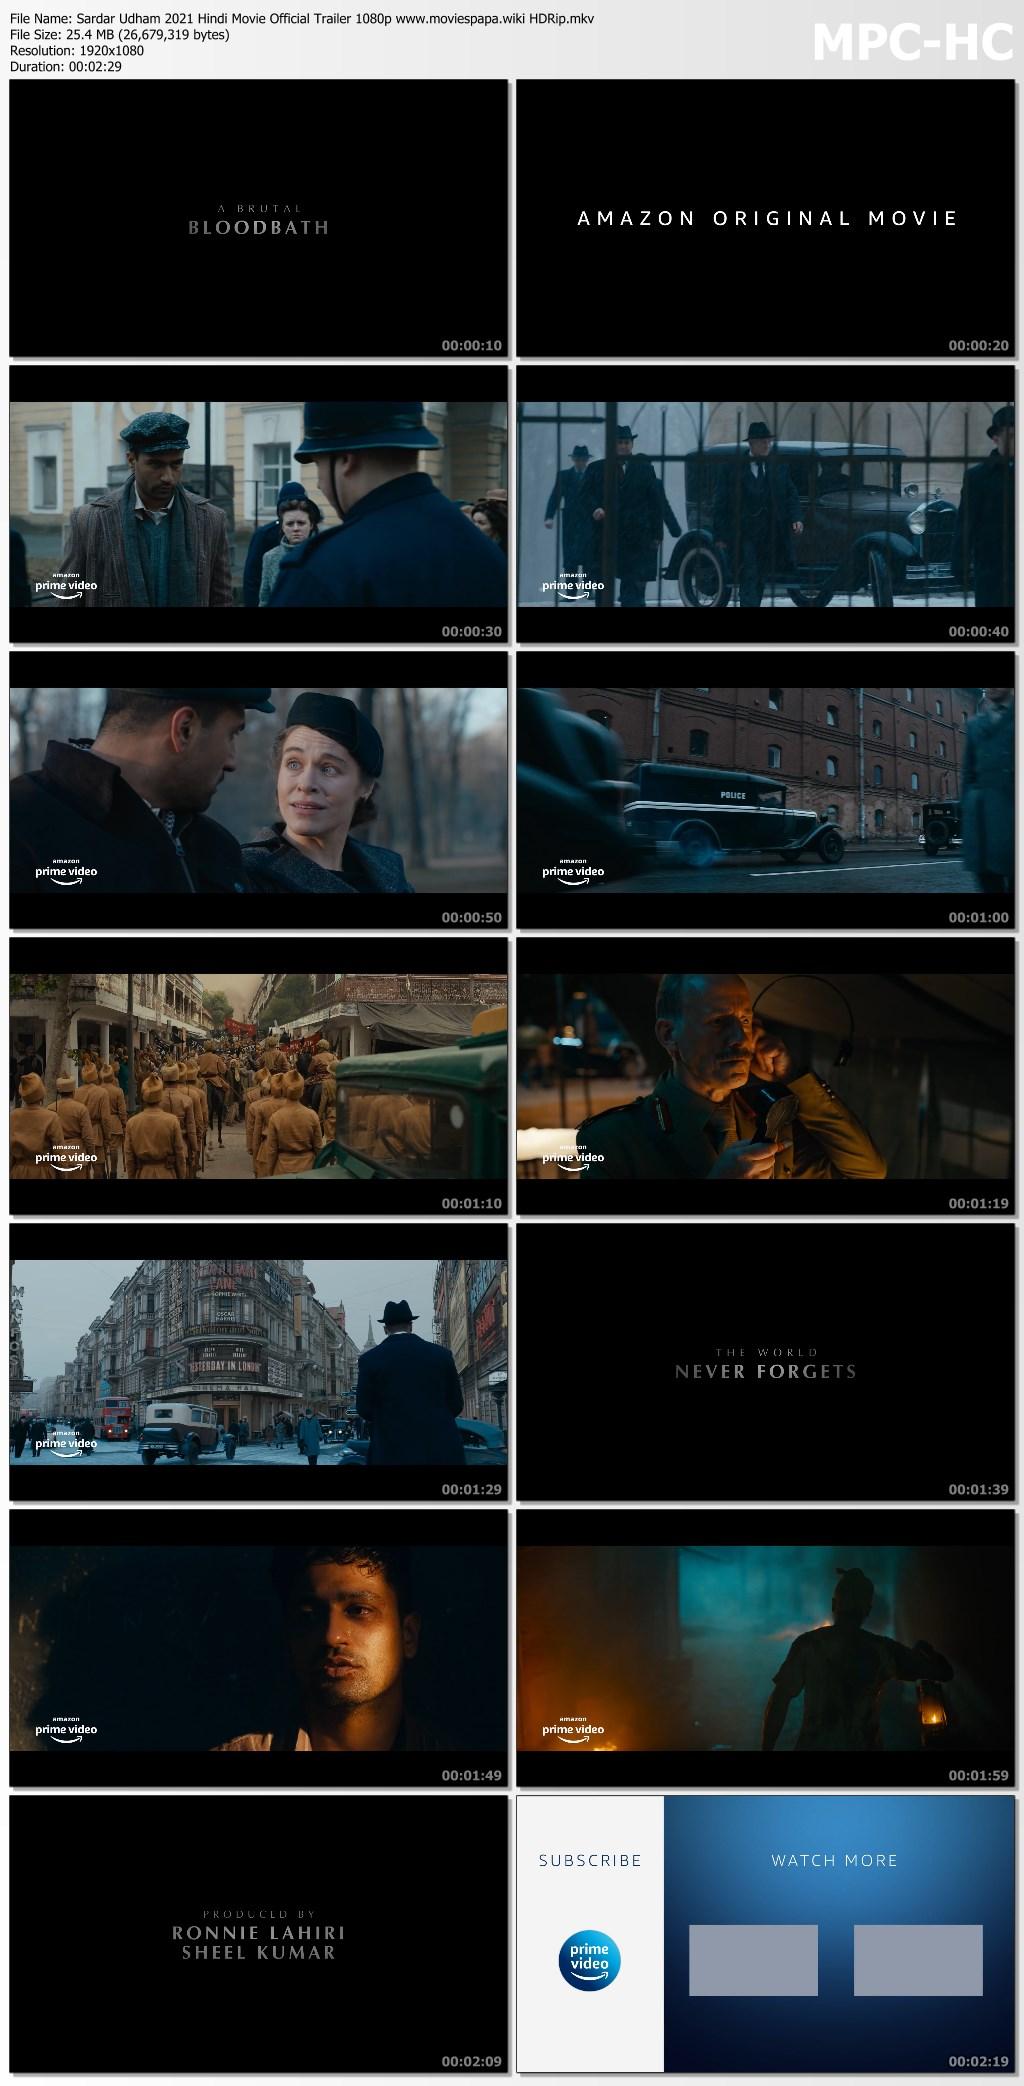 Sardar Udham 2021 screenshot HDMoviesFair